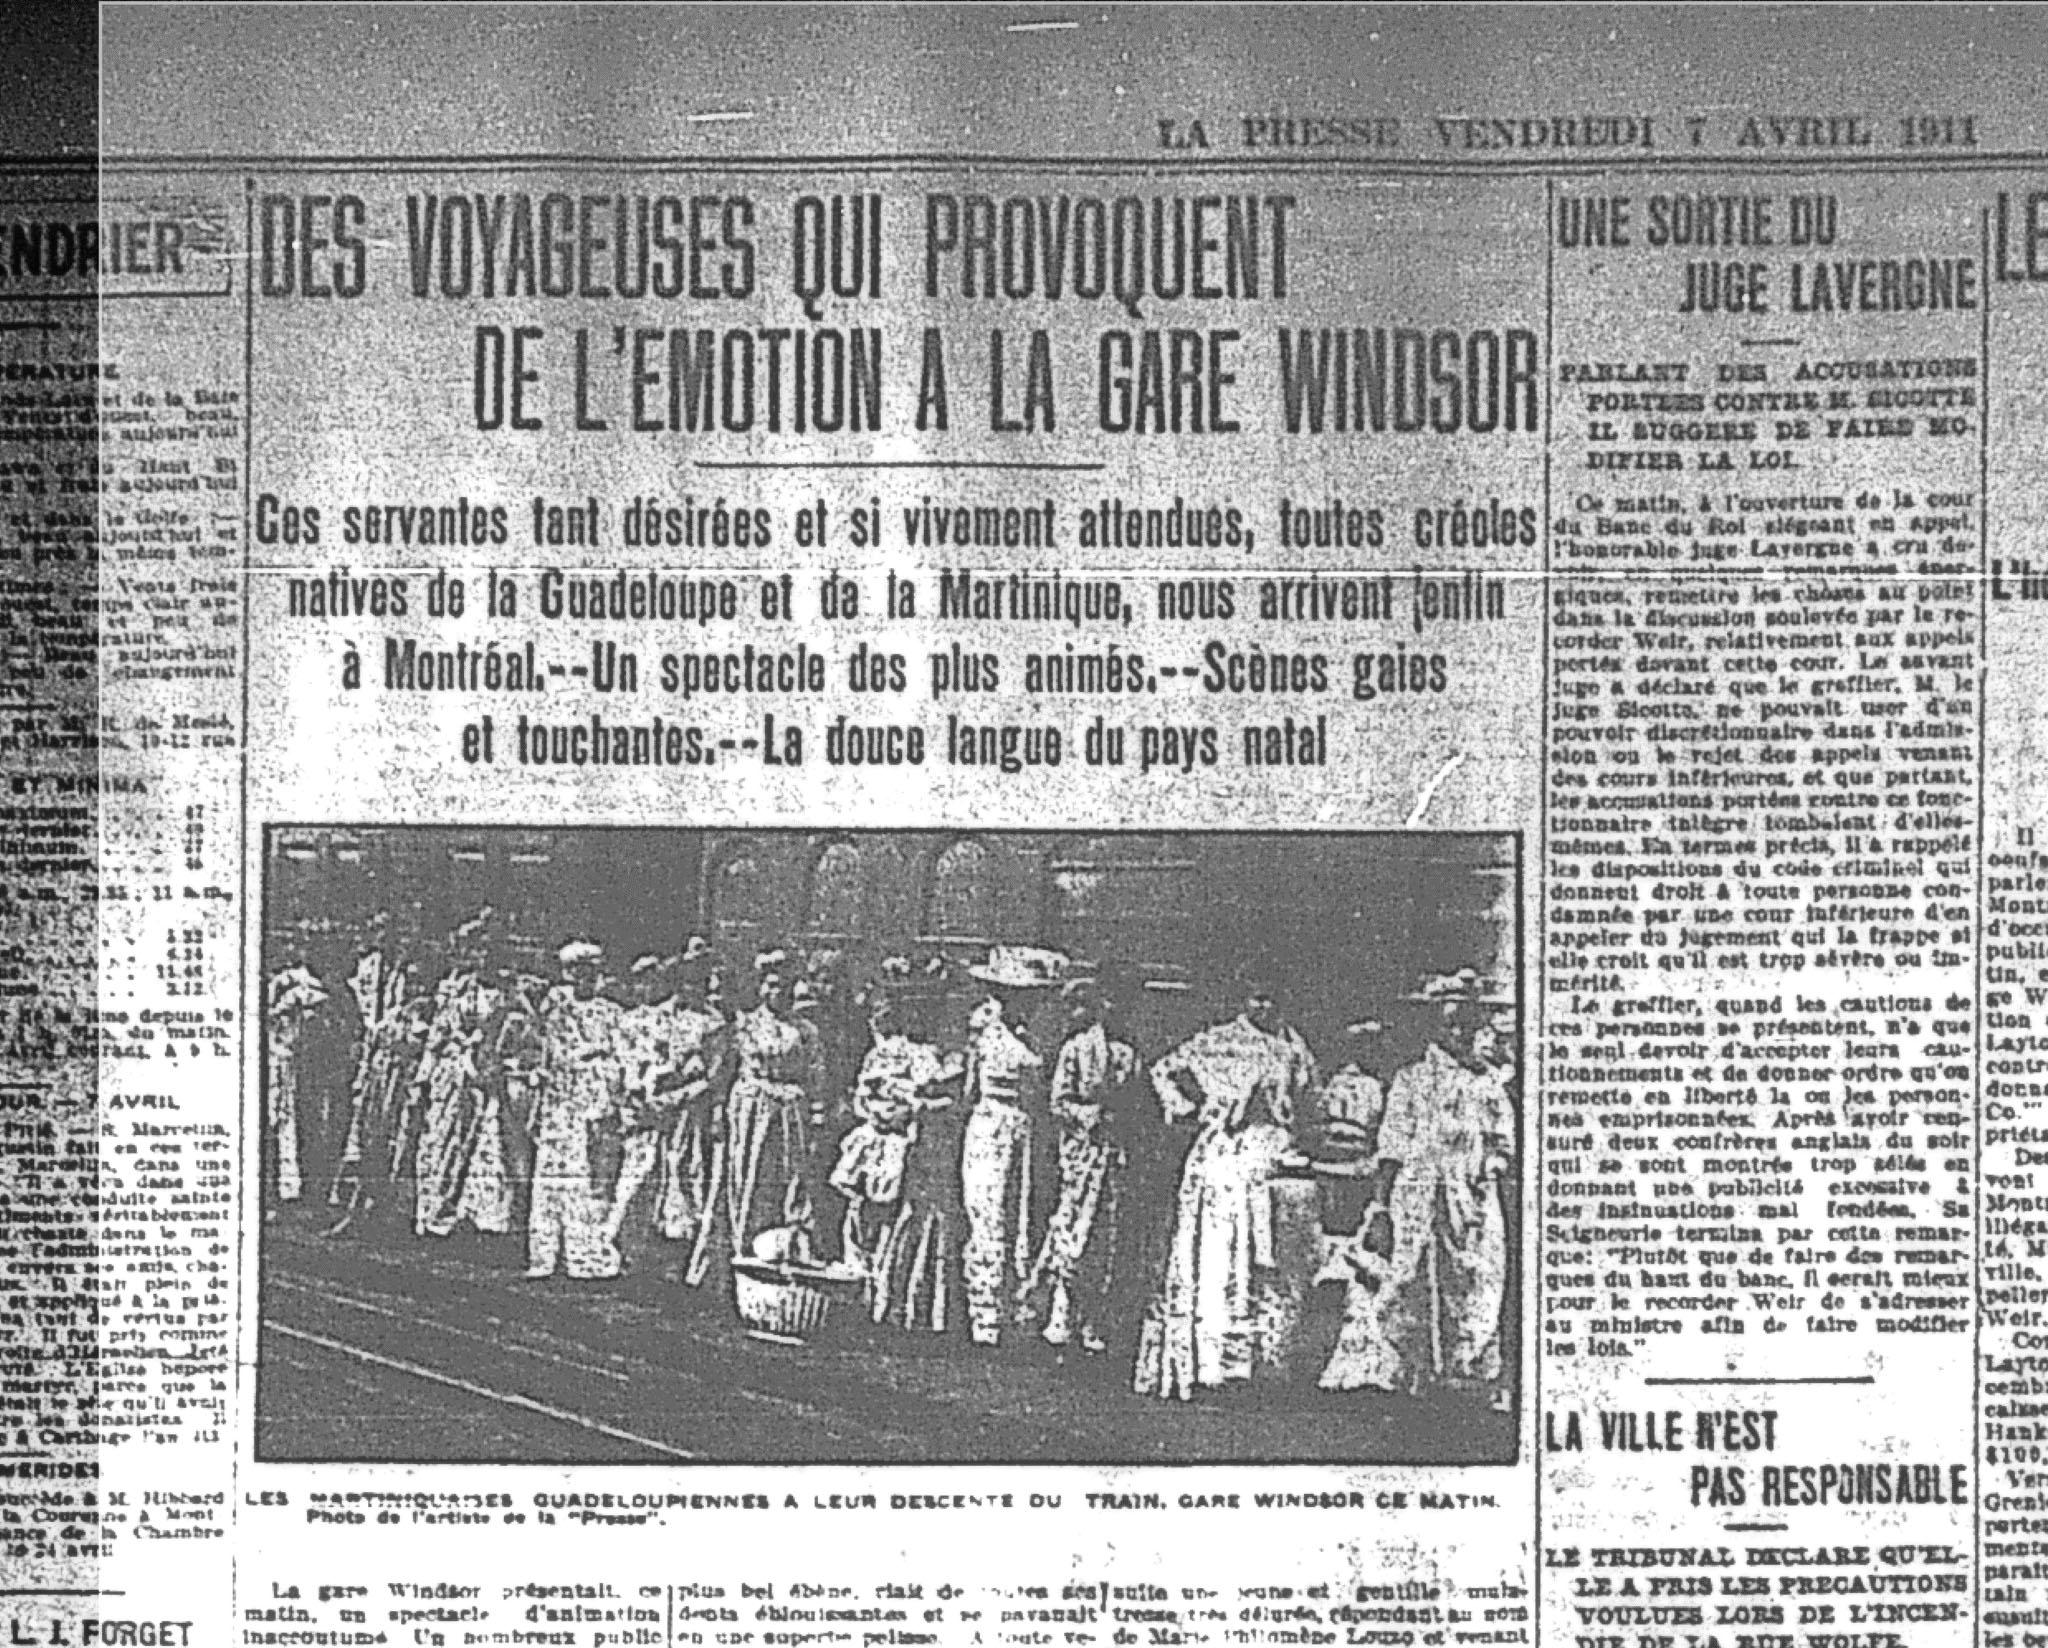 L'arrivée de domestiques caribéennes est annoncée dans La Presse du 7 avril 1911.